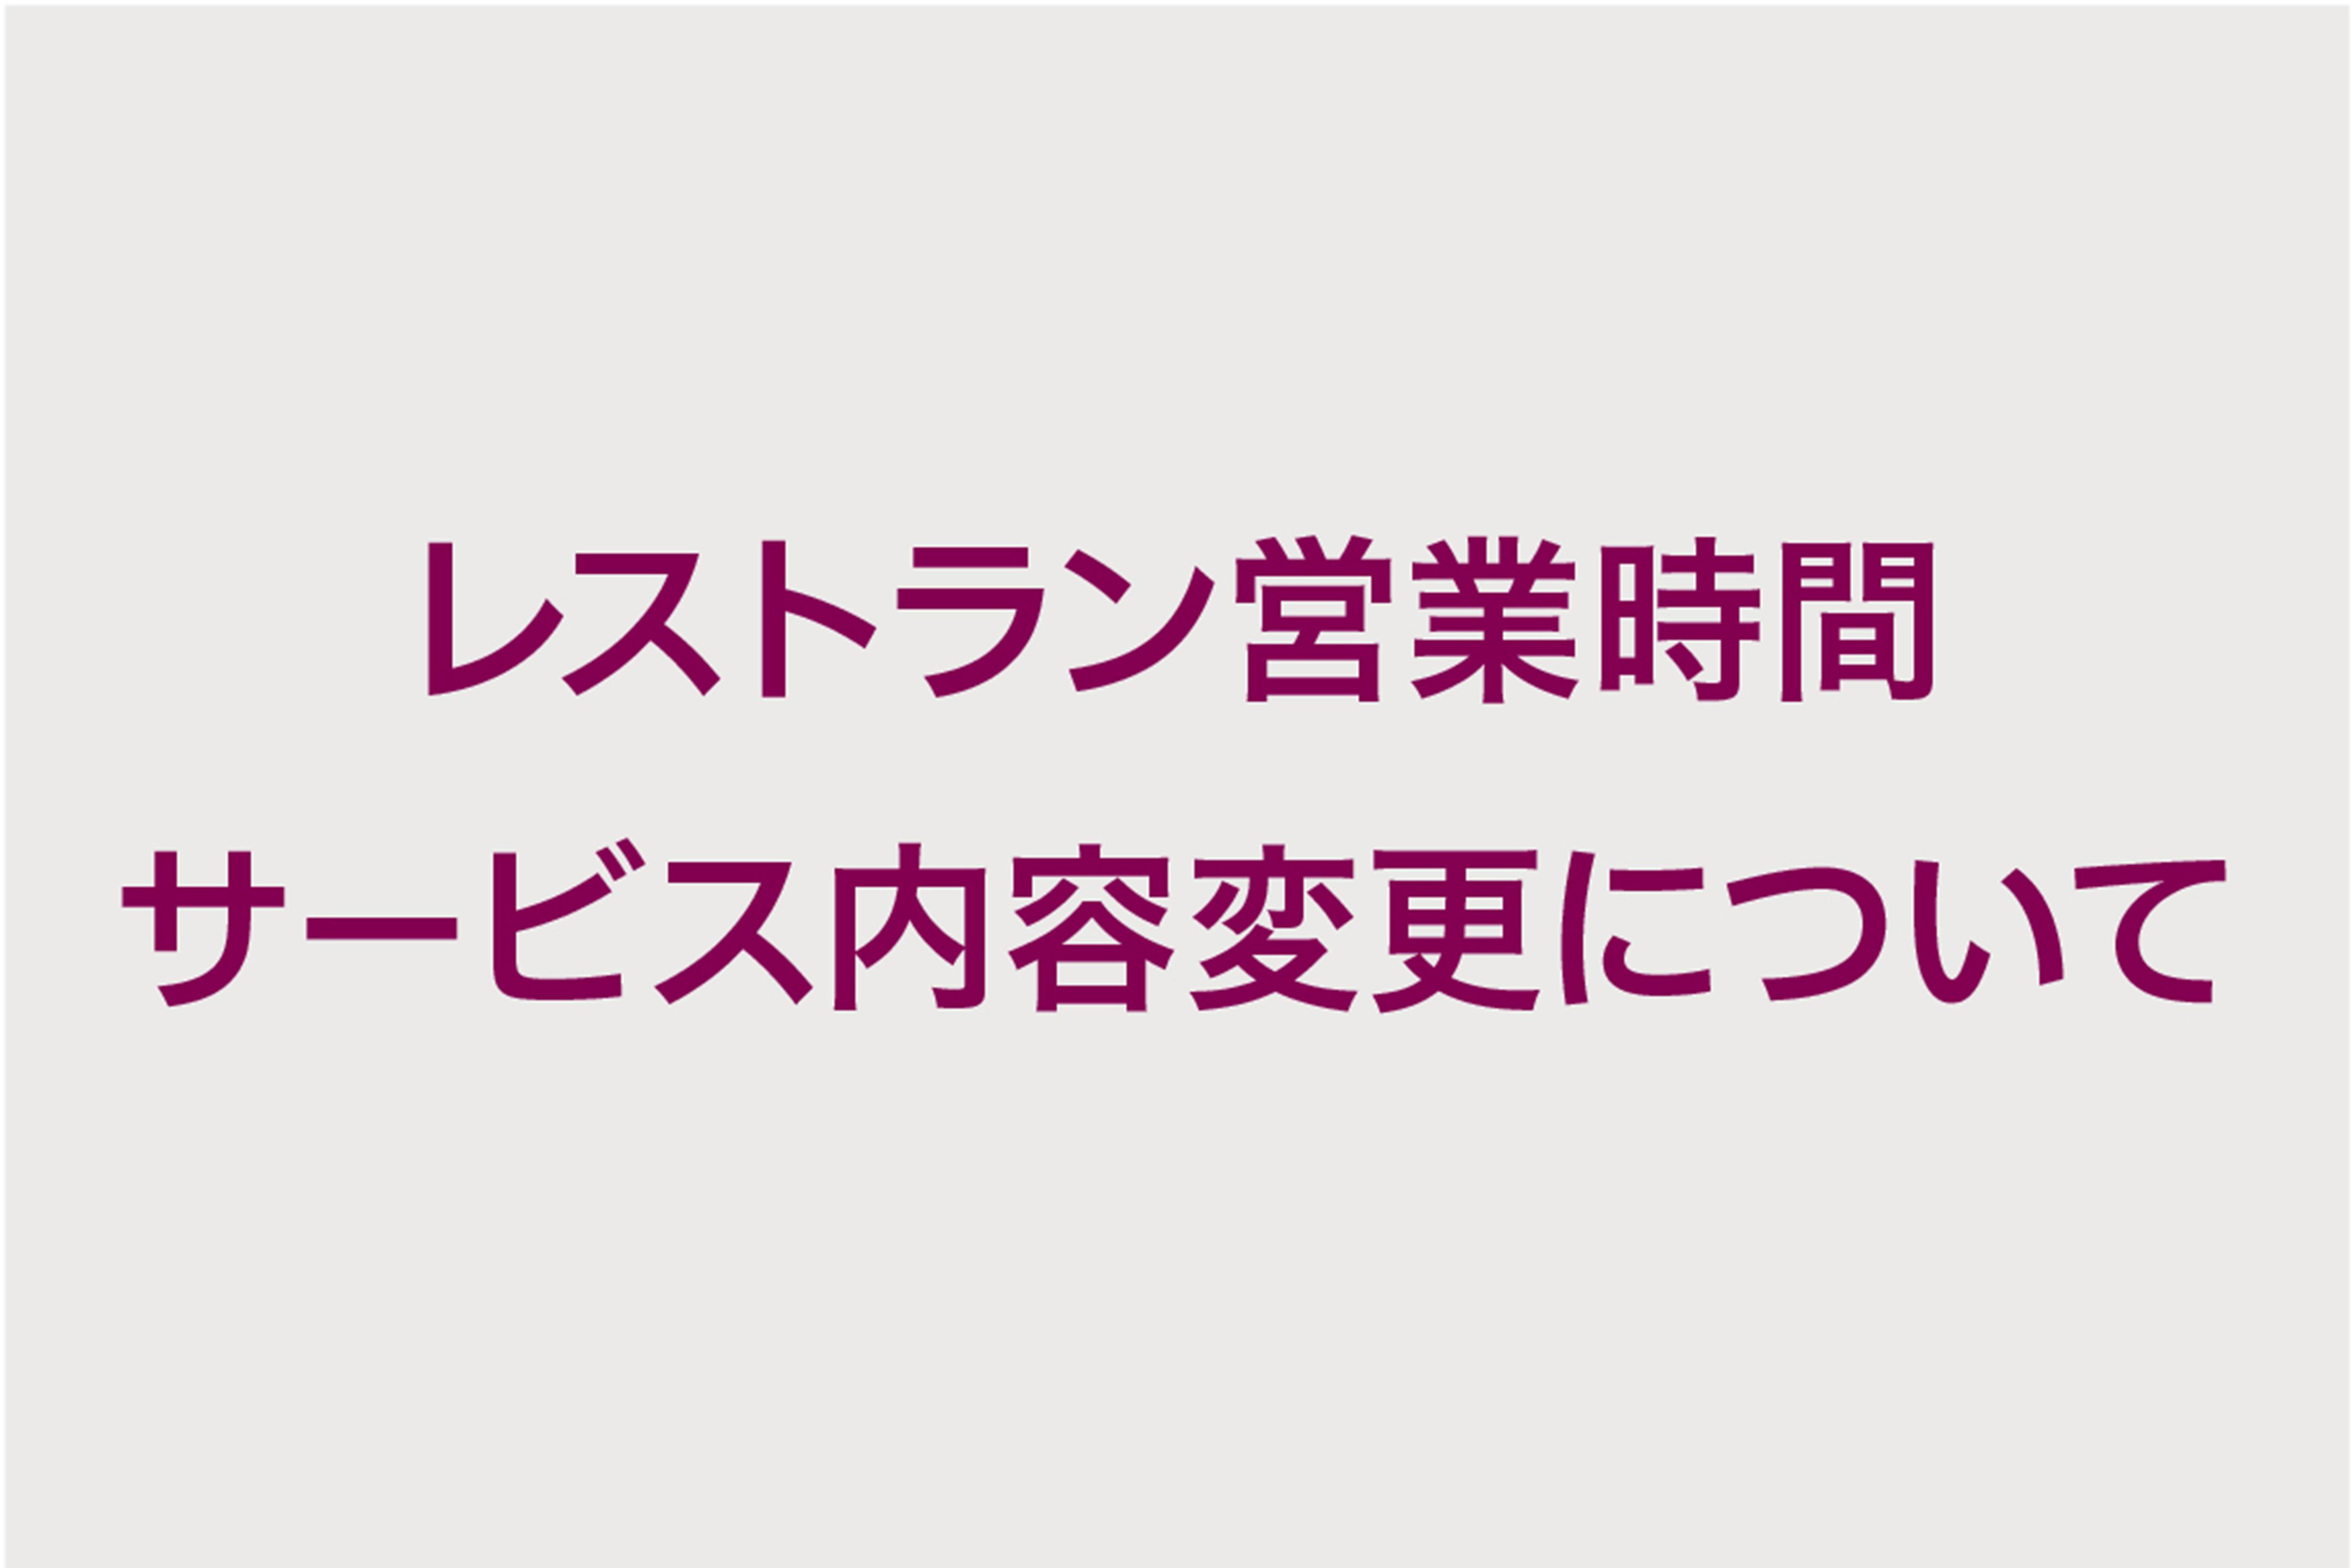 レストラン営業時間・サービス内容変更について(1/18更新)